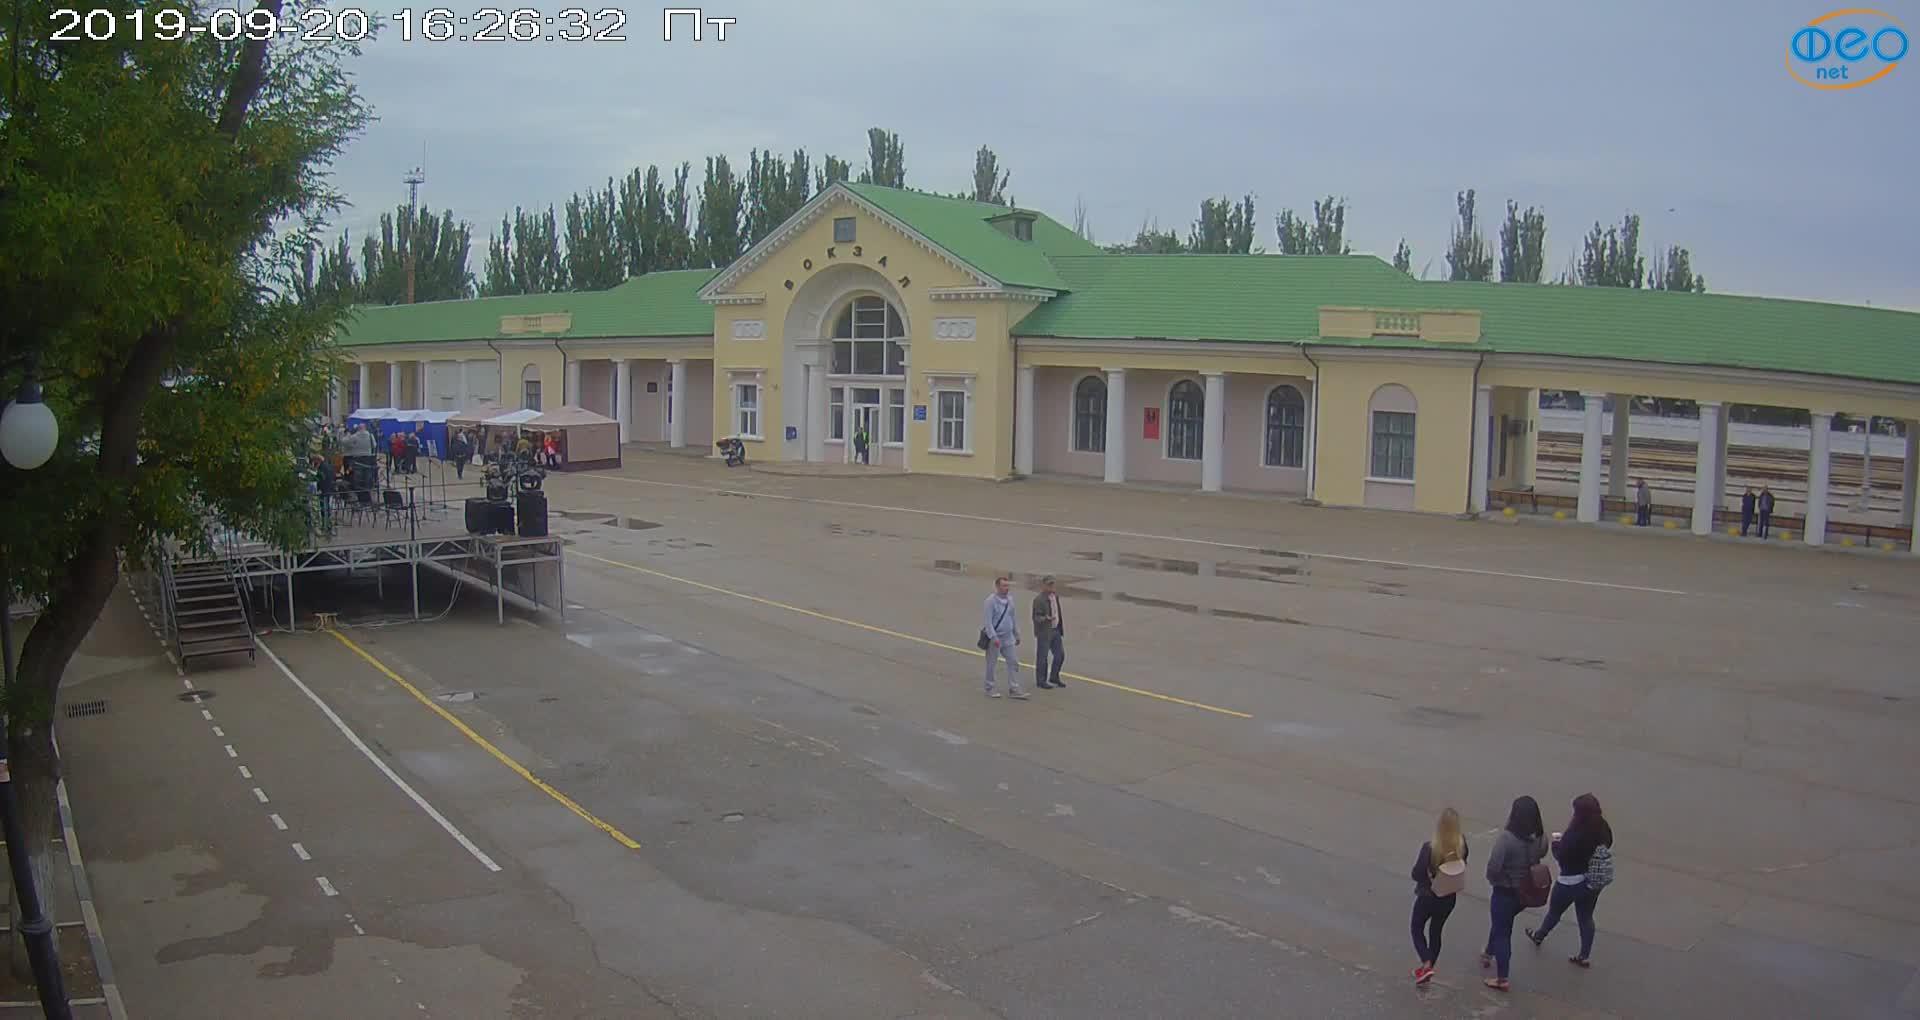 Веб-камеры Феодосии, Привокзальная площадь, 2019-09-20 16:43:11